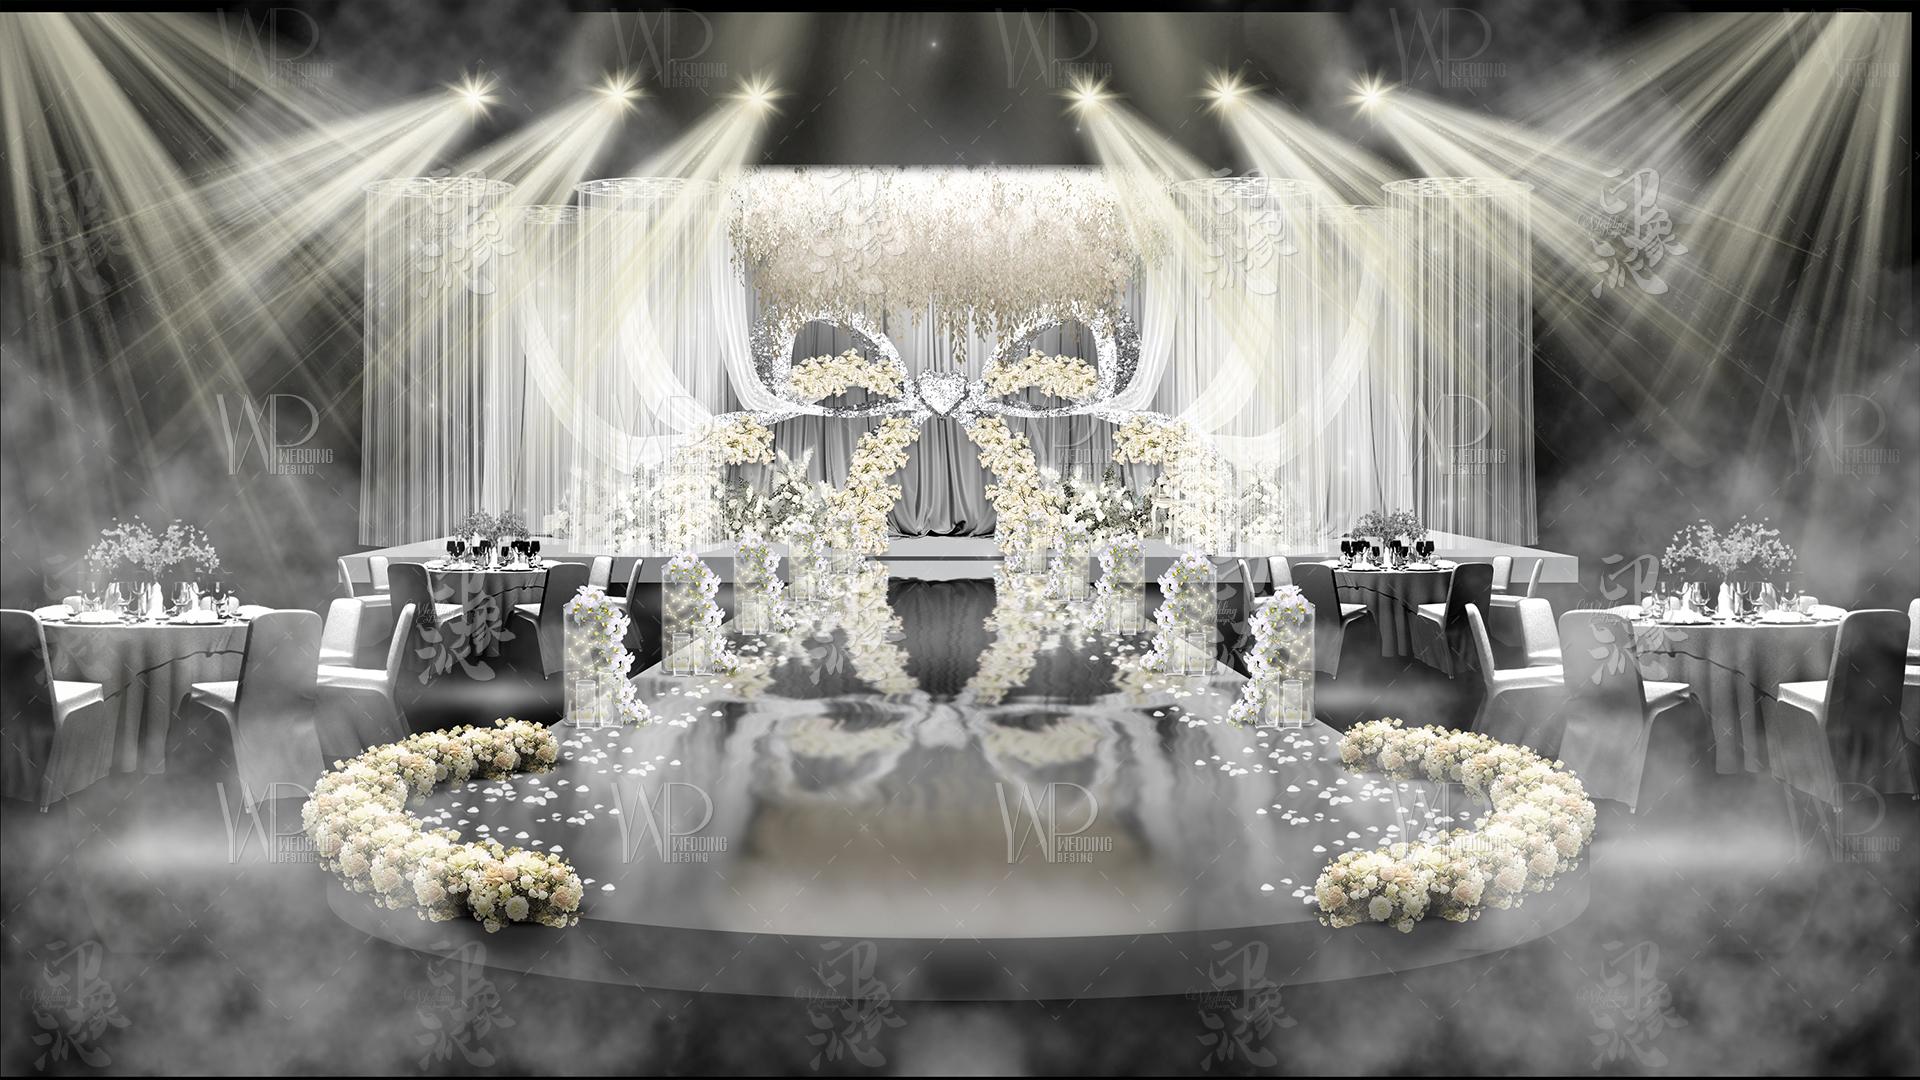 银灰色蝴蝶结主题方案婚礼设计效果图PSD平面源文件背景素材71225